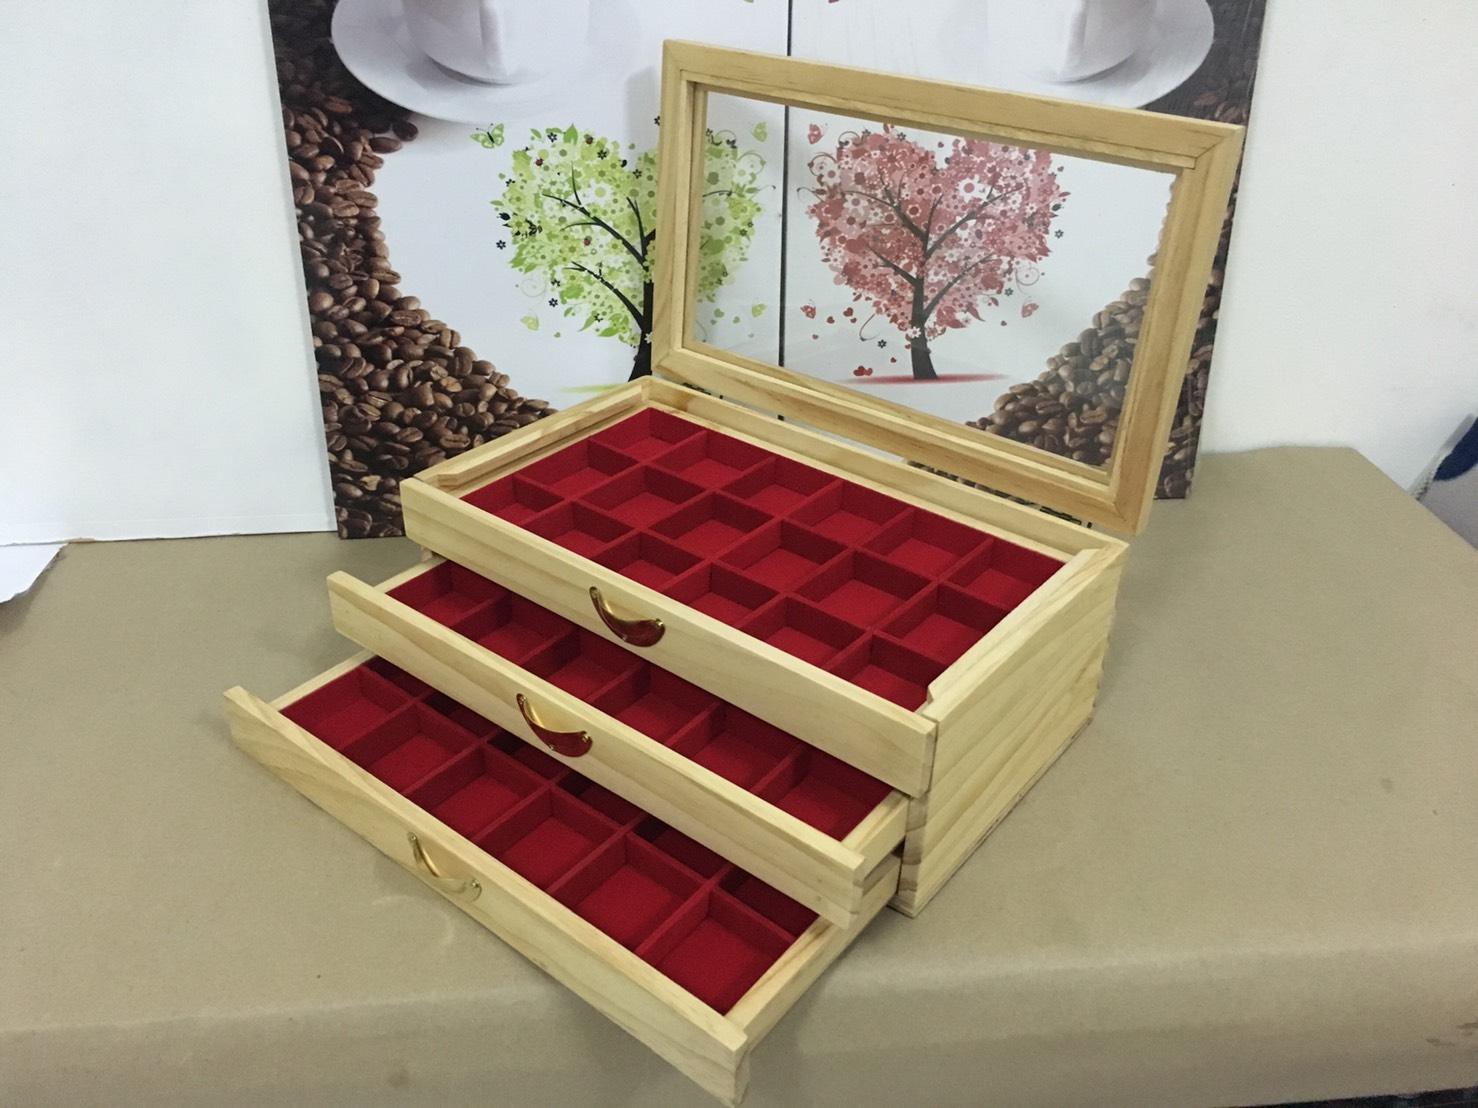 กล่องใส่พระงานไม้สน 3 ชั้นสีแดง 54 ช่อง งานสวย สำหรับเก็บพระ เก็บเหรียญต่างๆ (พร้อมส่ง)